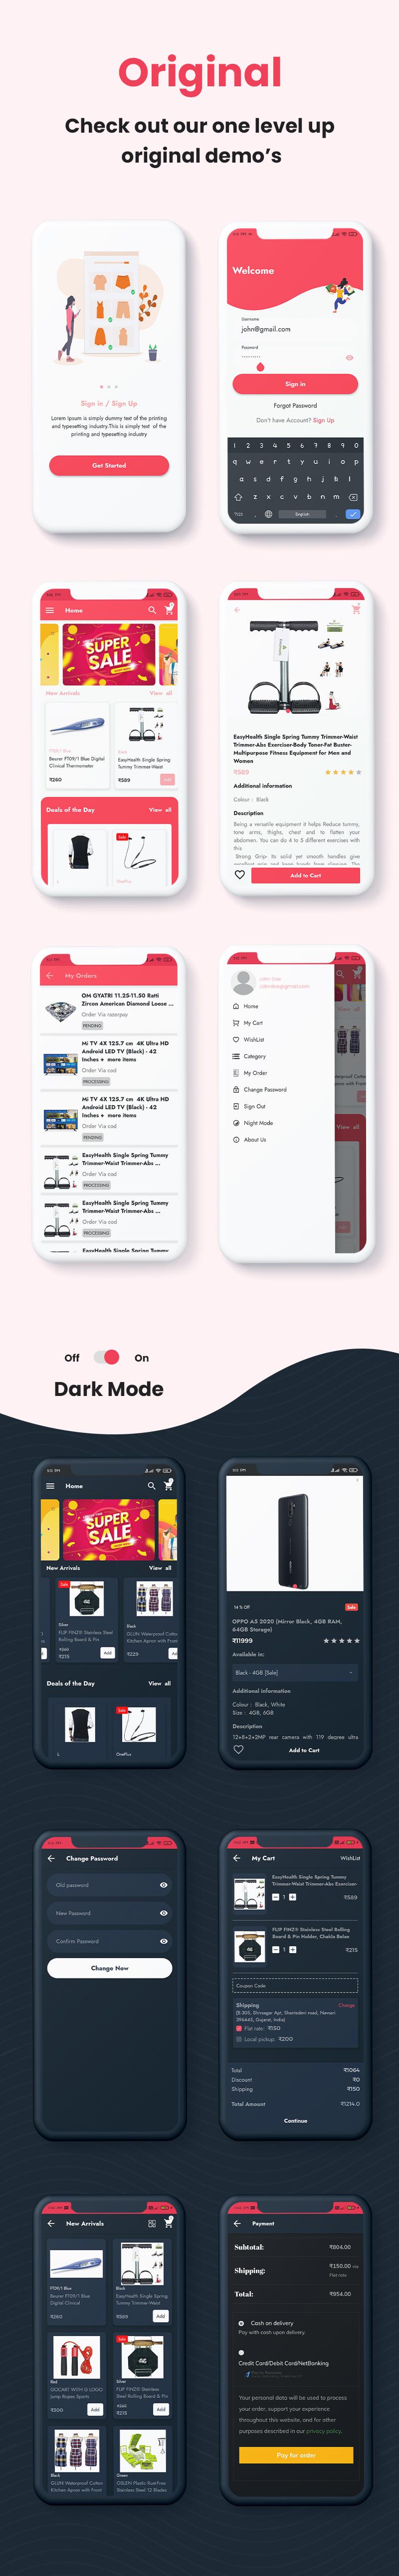 ProShop Dokan Multi Vendor - Android E-commerce Full App for Woocommerce - 22